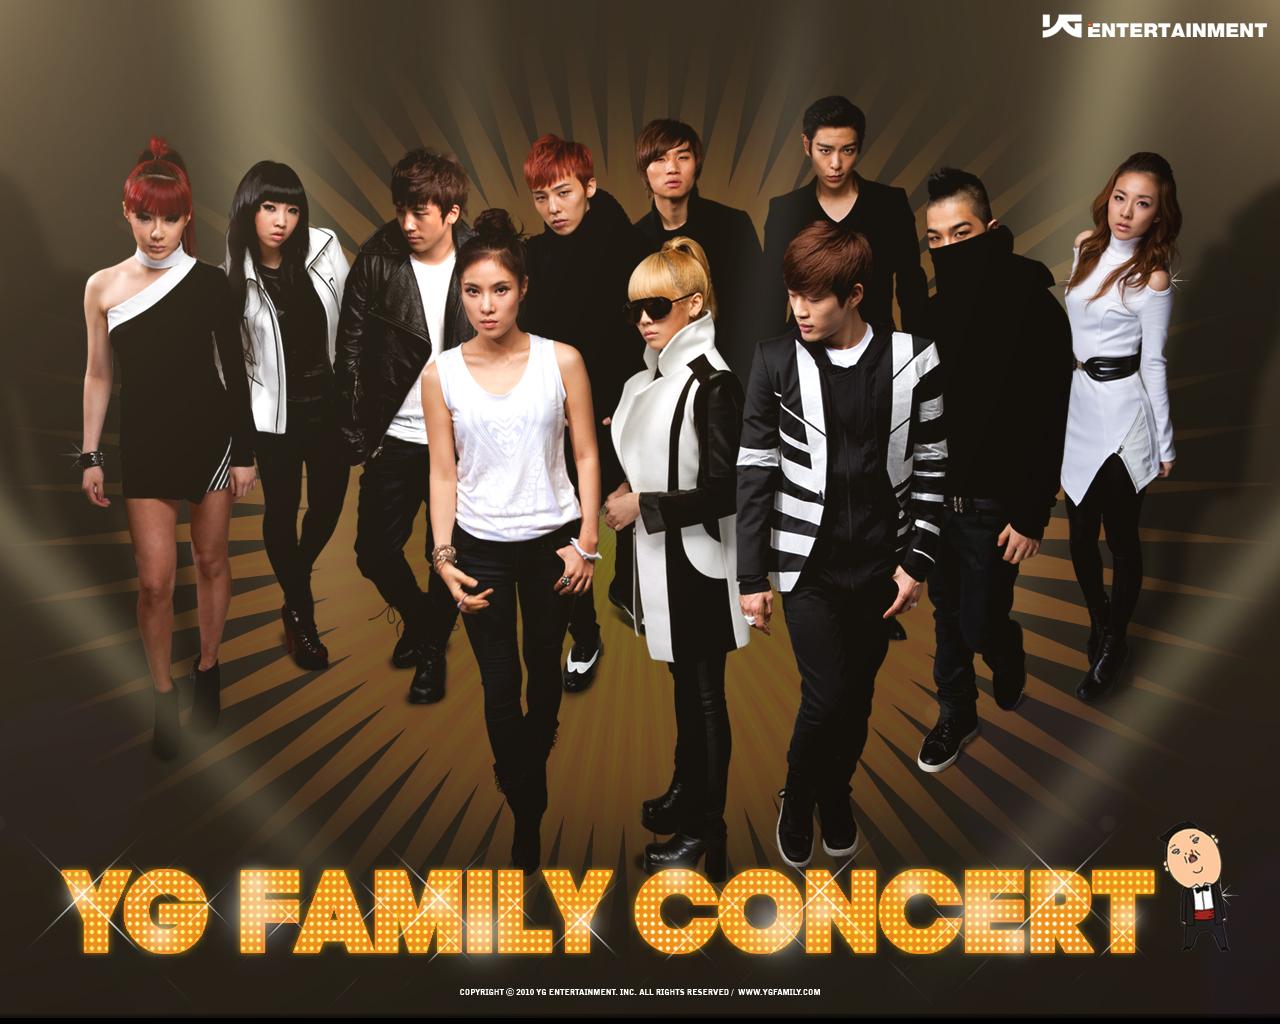 wallpaper yg family yg family concert 2010 let 39 s